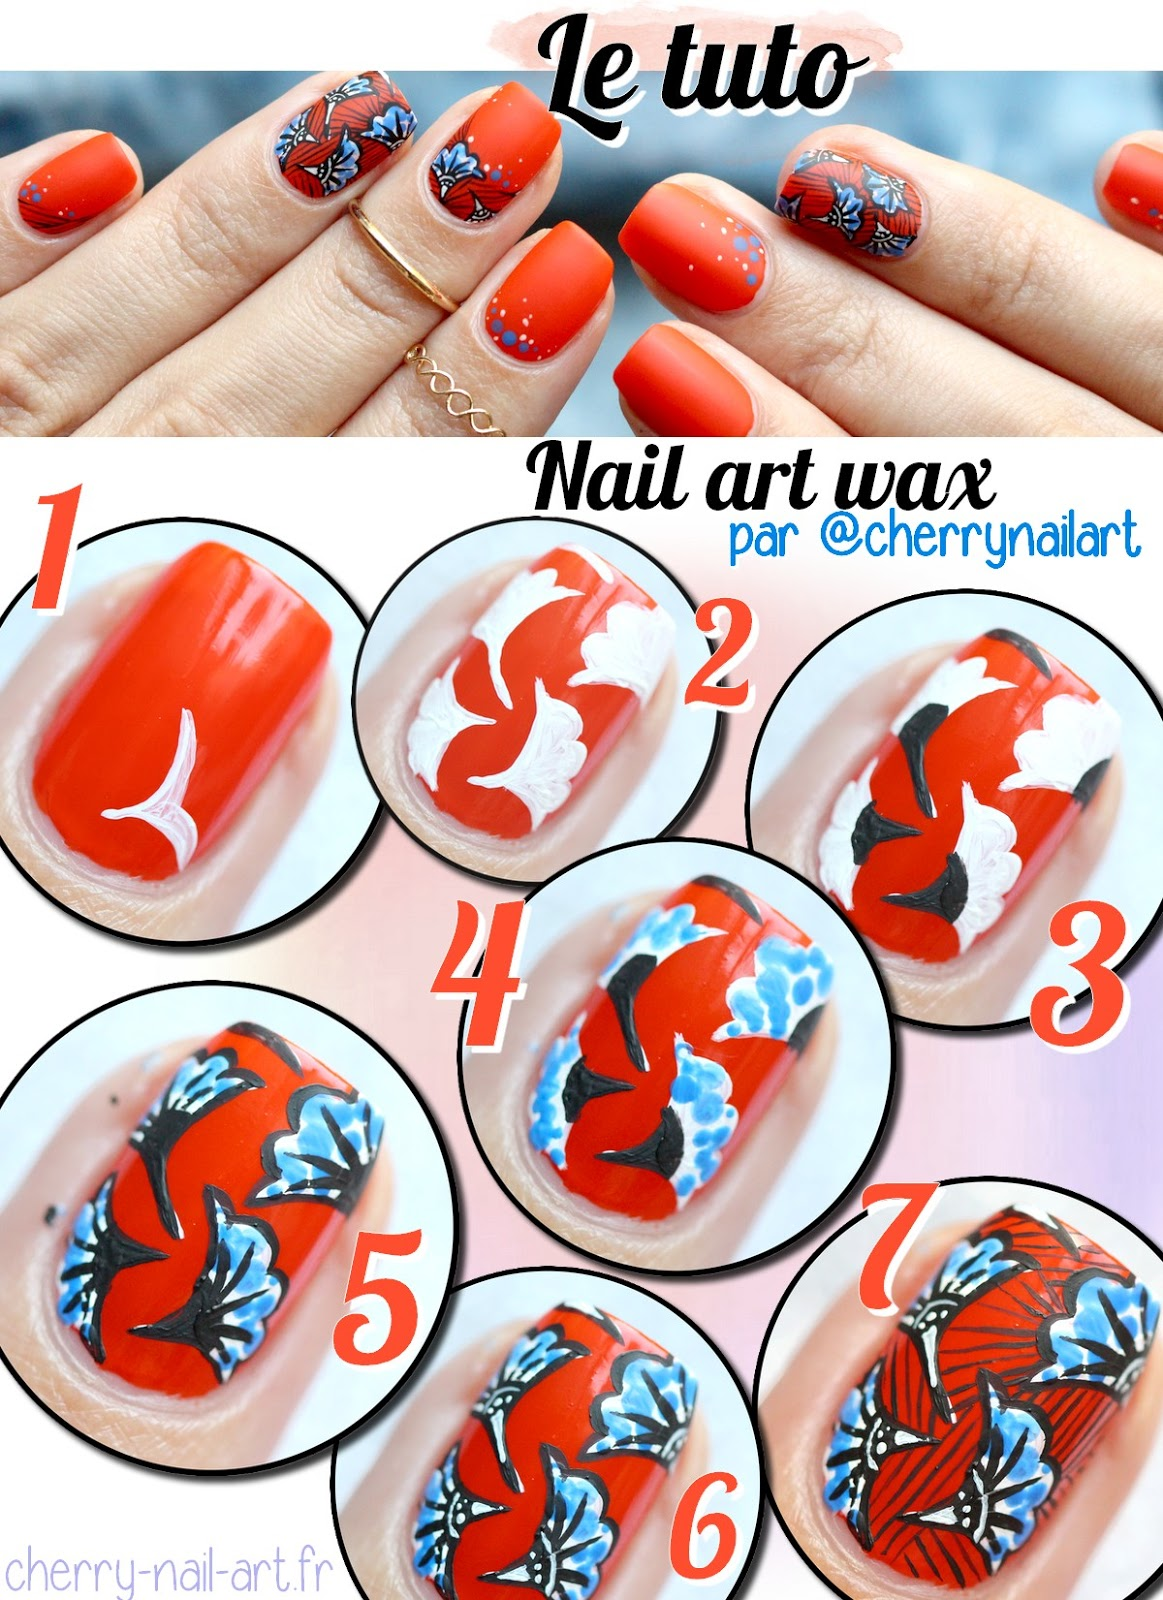 tuto-nail-art-tissu-wax-coloré